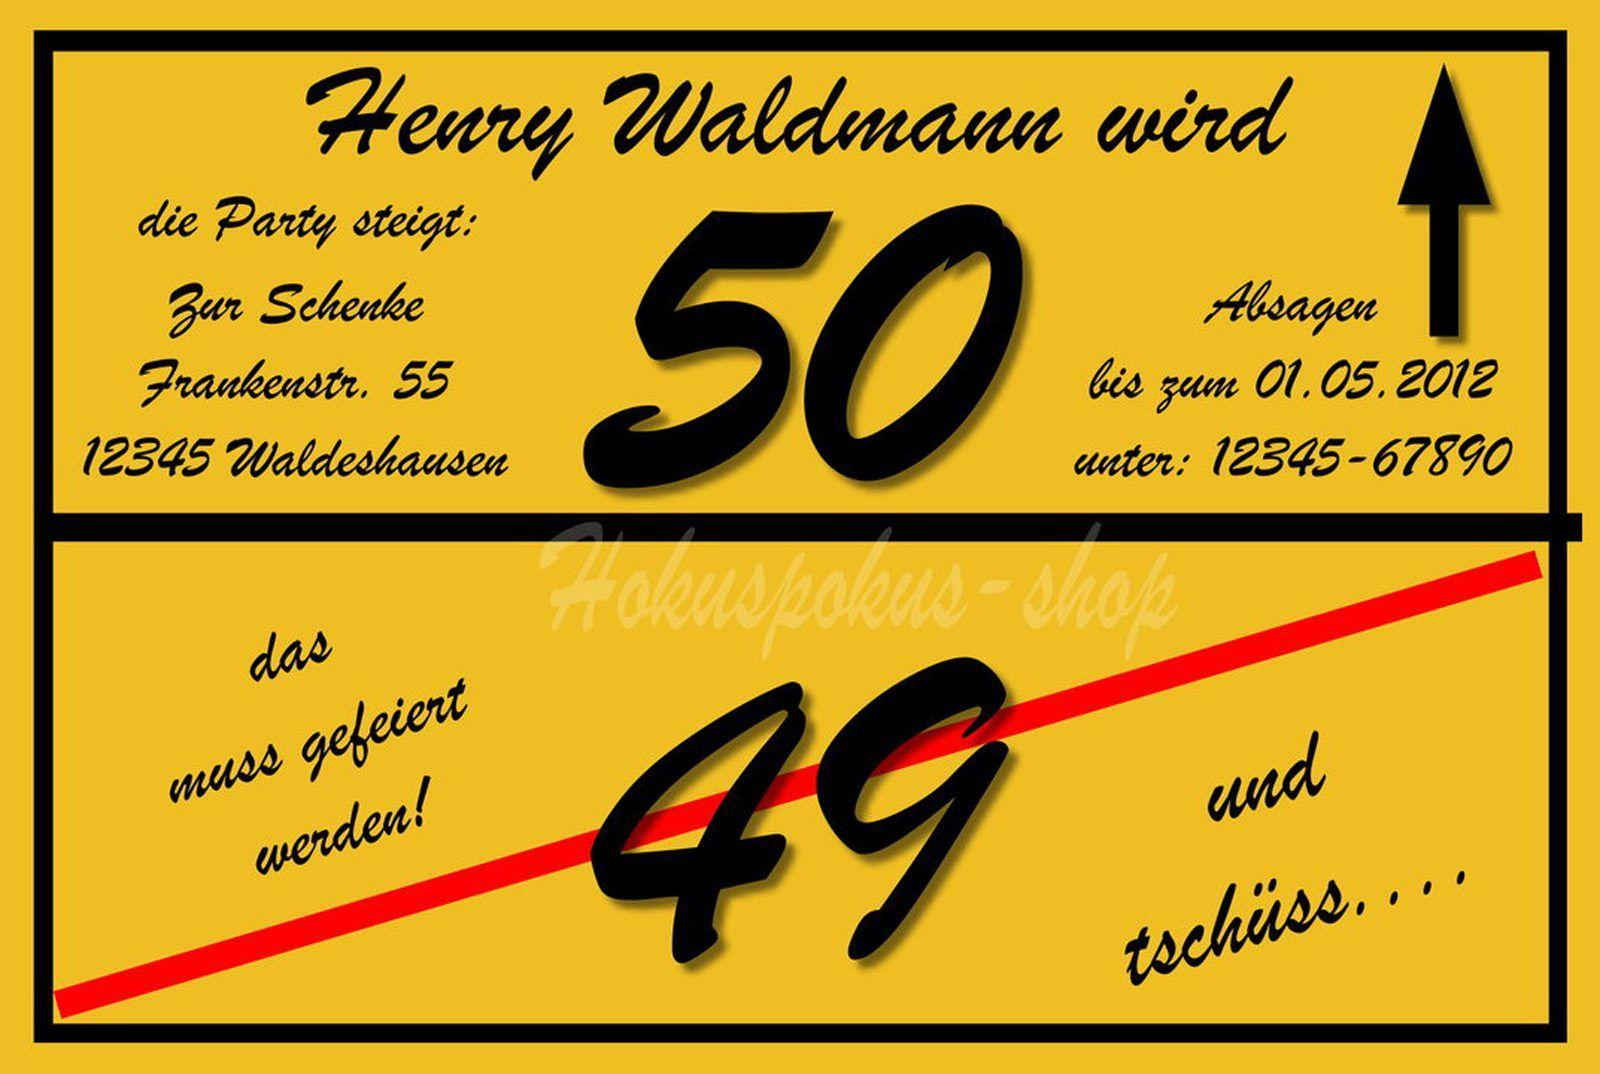 Einladungskarten Geburtstag 50 : Einladungskarten Geburtstag 50 Selbst  Gestalten   Einladungskarten Online   Einladungskarten Online